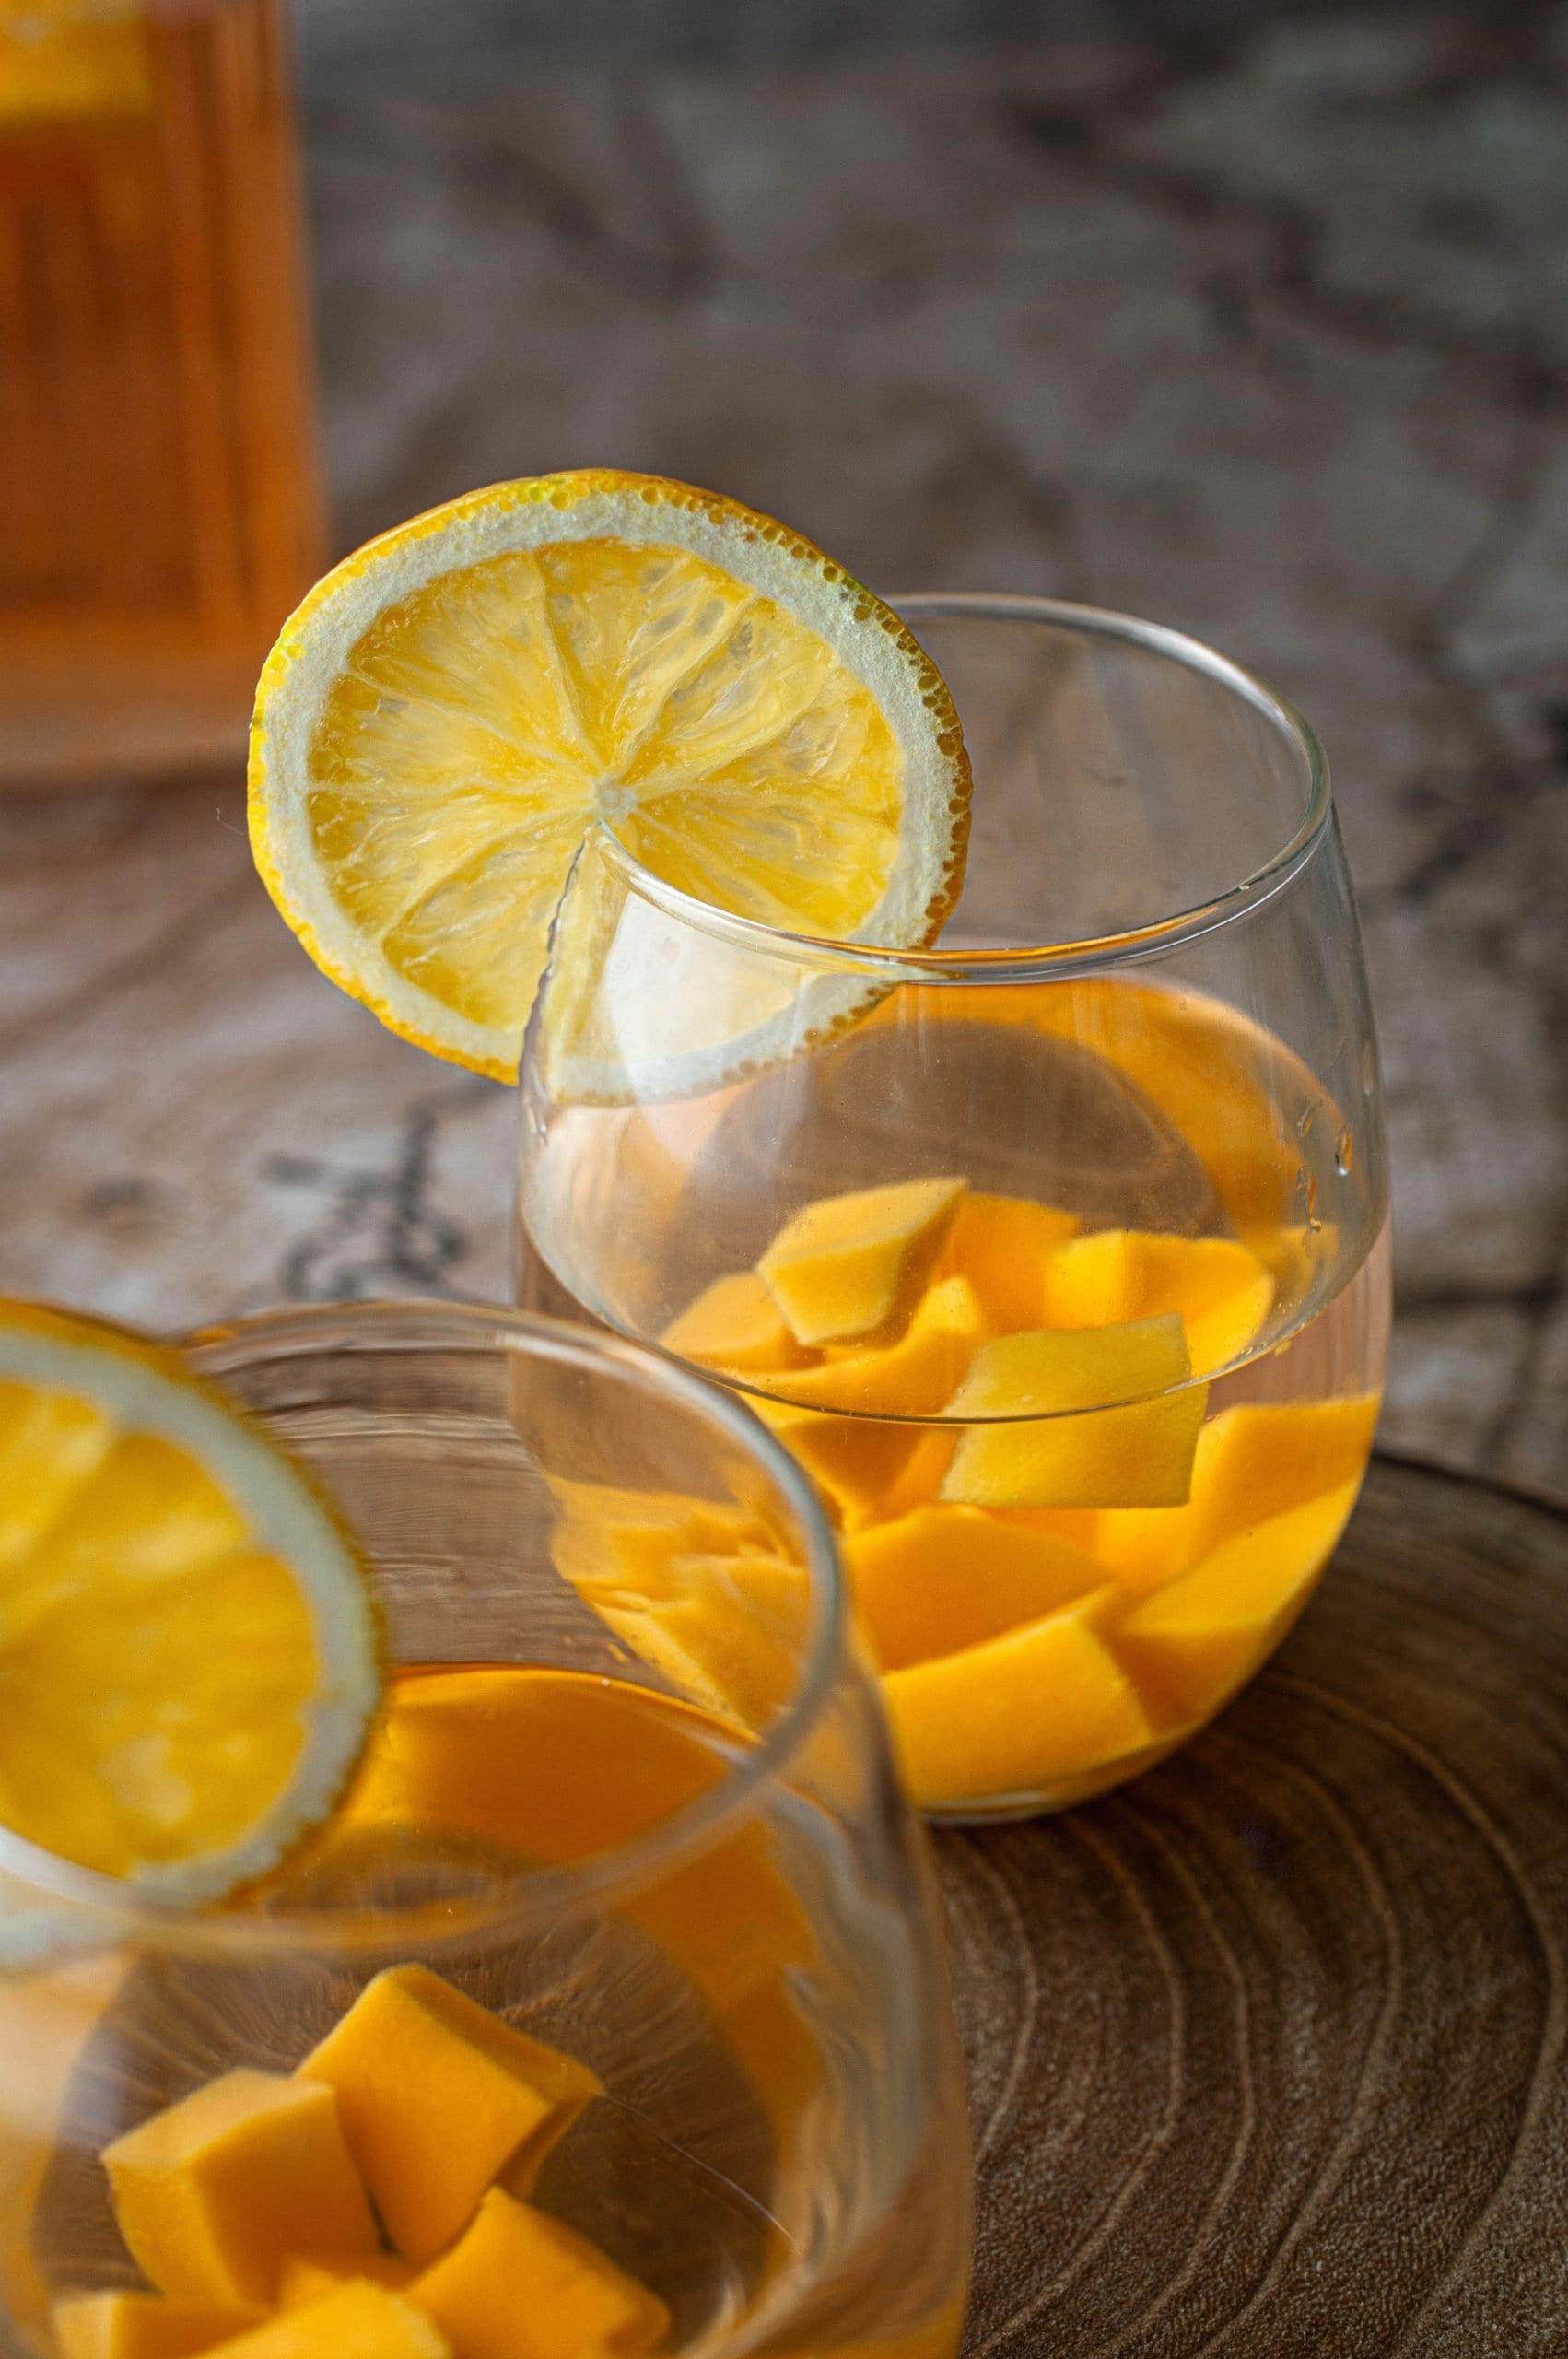 Hoe maak je zelf limonade? 3